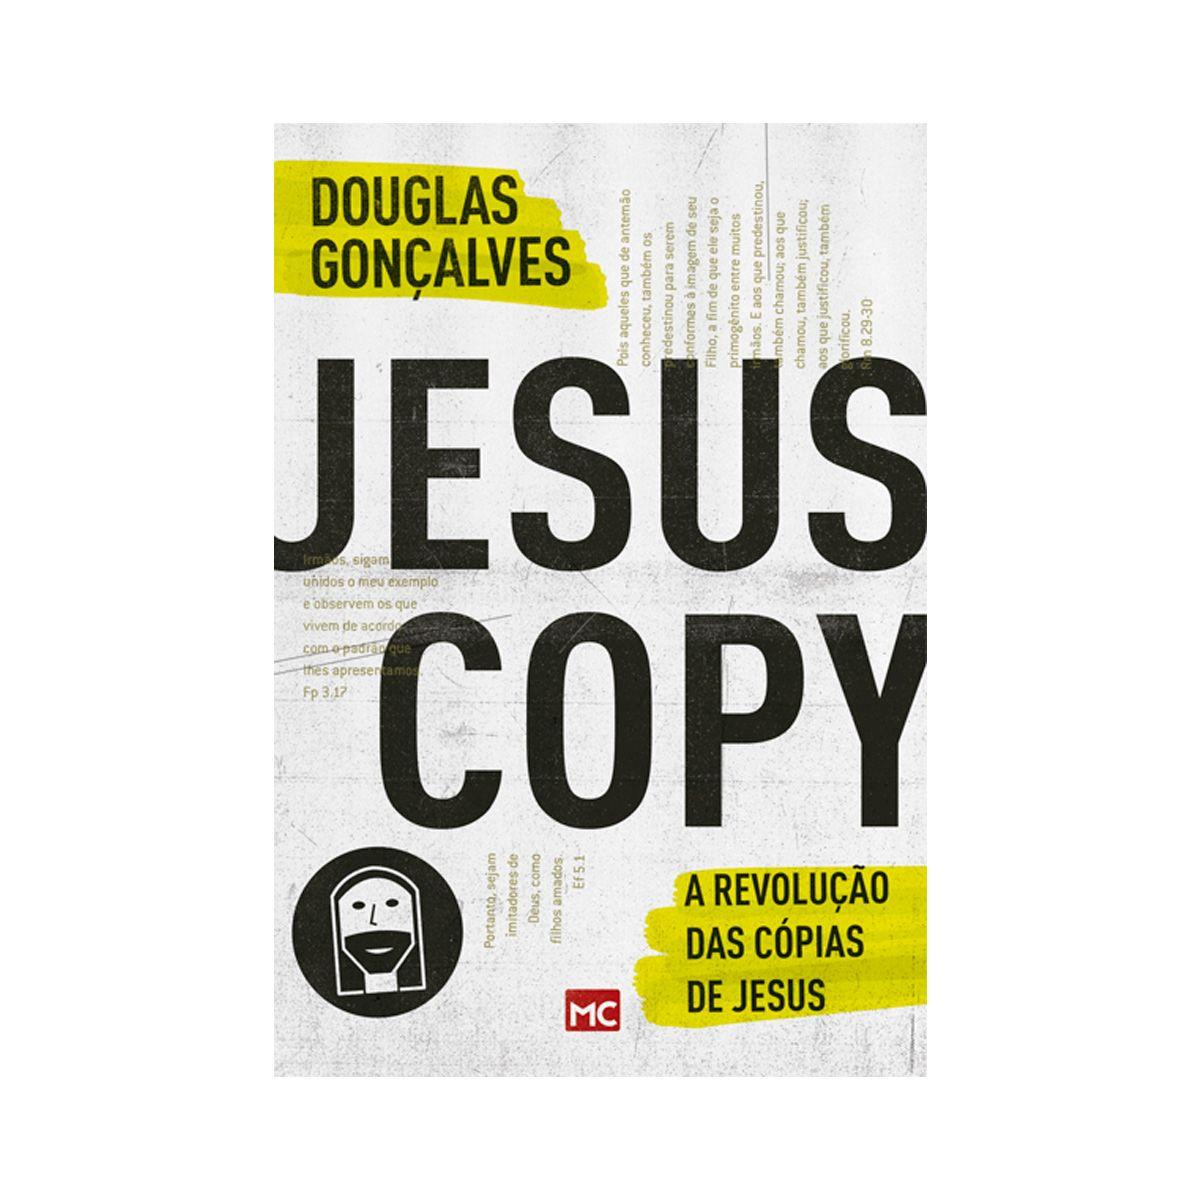 JesusCopy - A Revolução das Cópias de Jesus  - JesusCopy